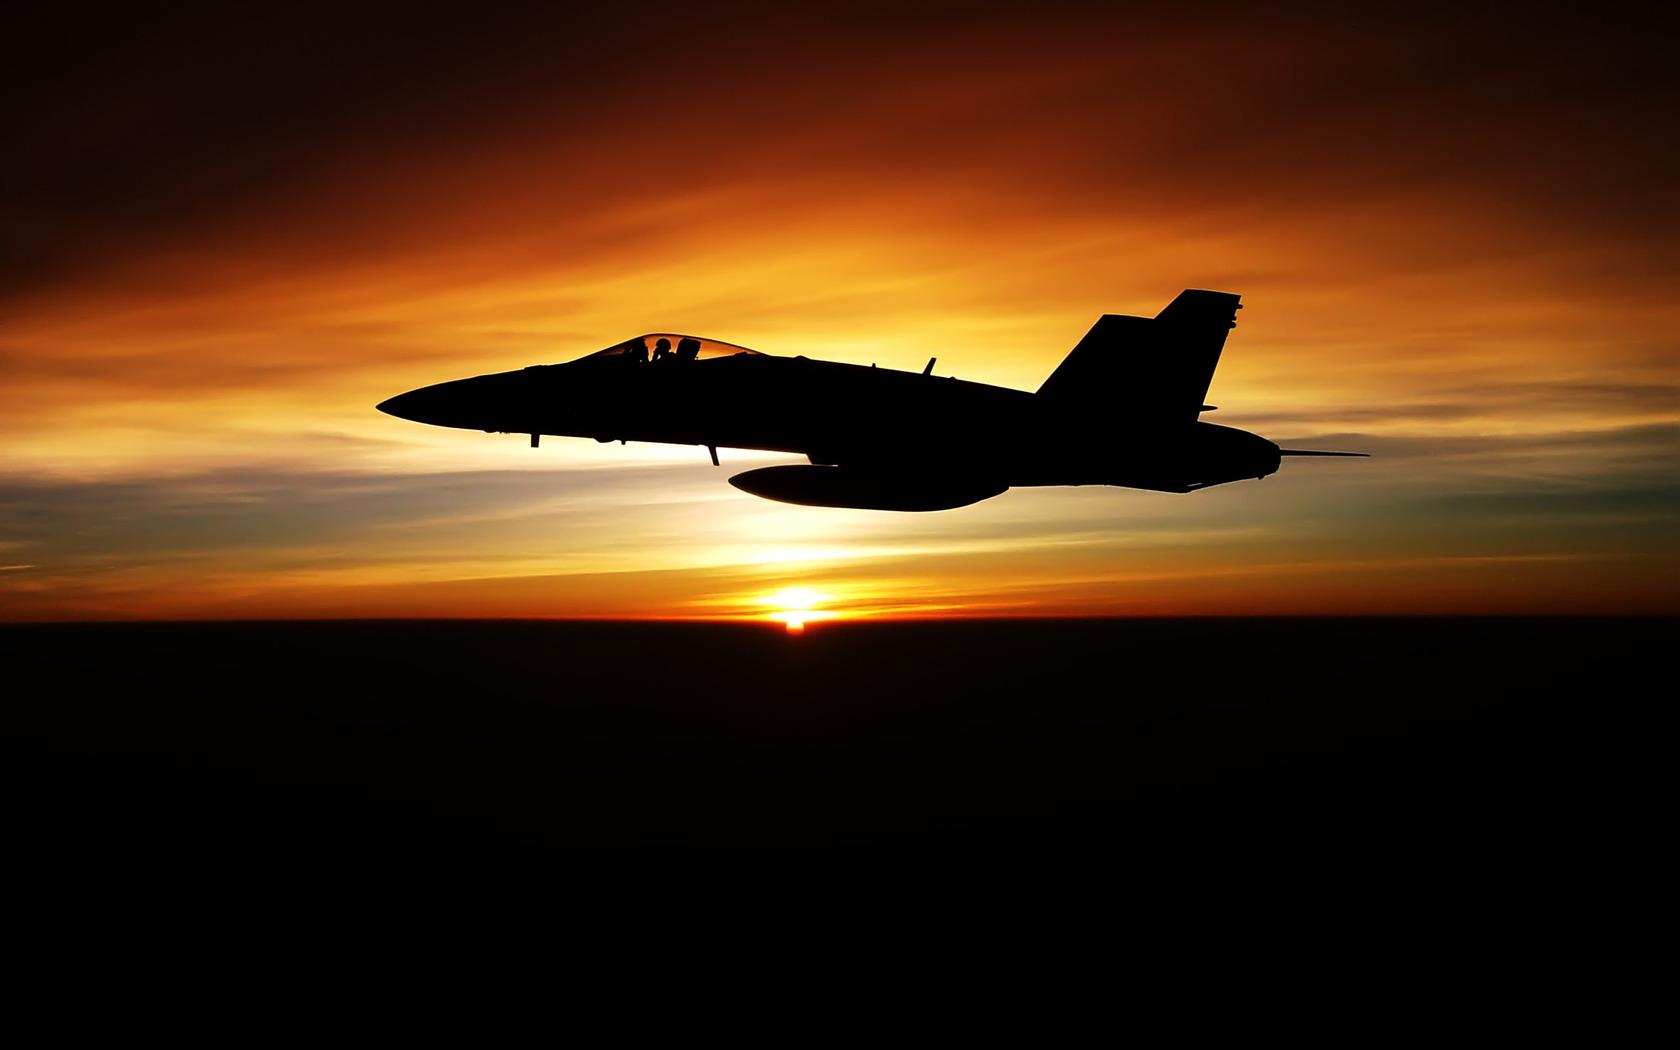 plane-sunset-wallpaper.jpg